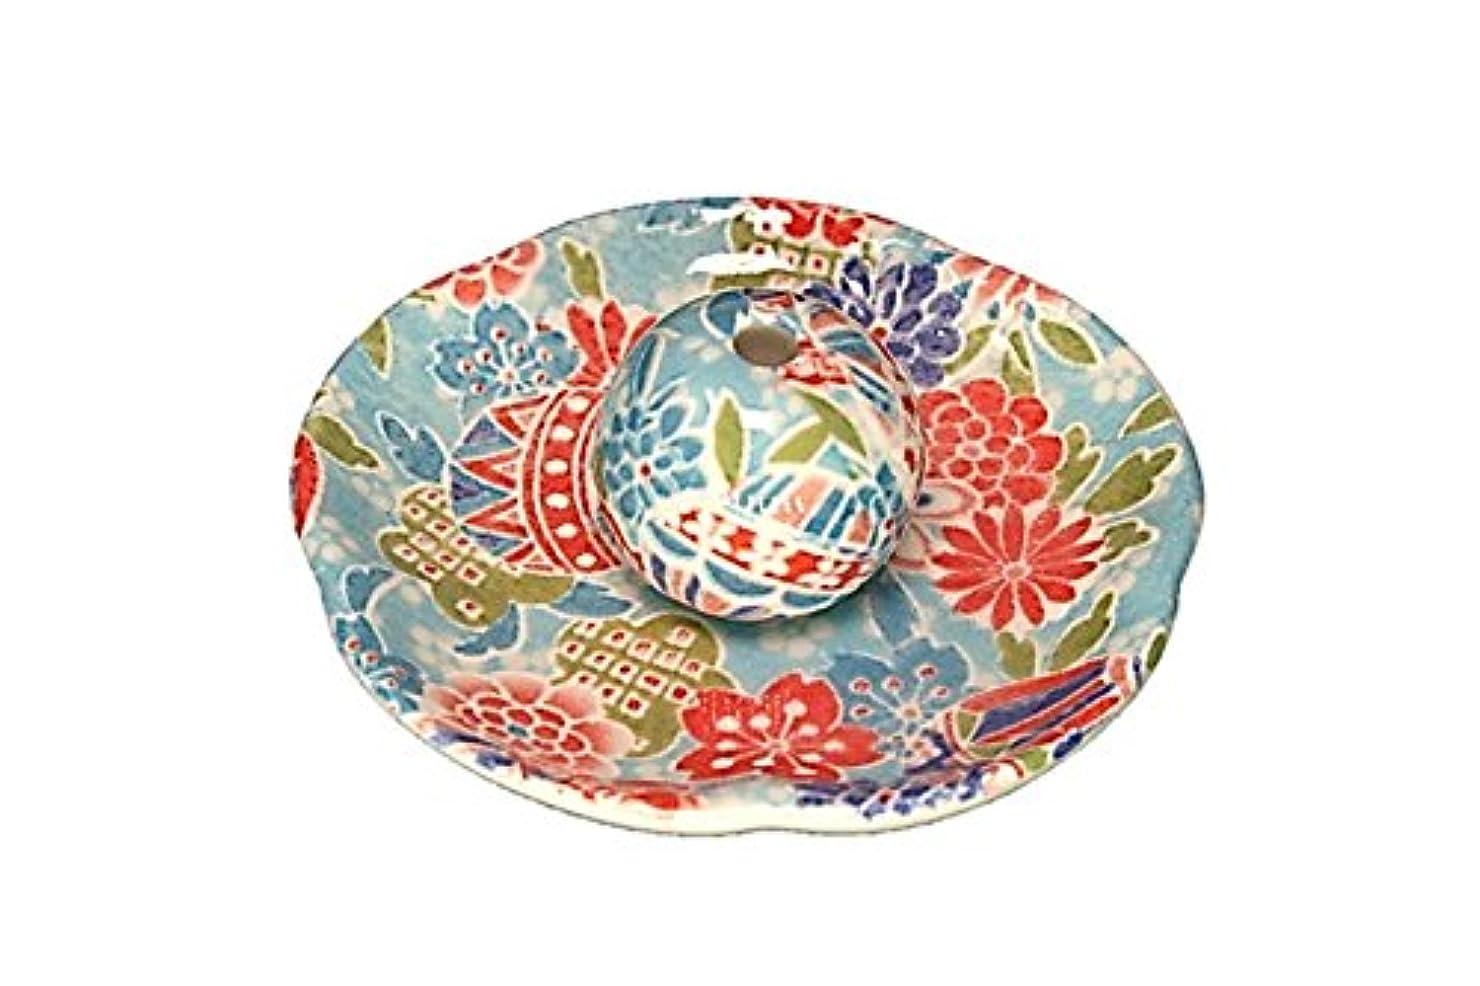 十億ご予約賭け京雅 青 花形香皿 お香立て 日本製 製造 直売